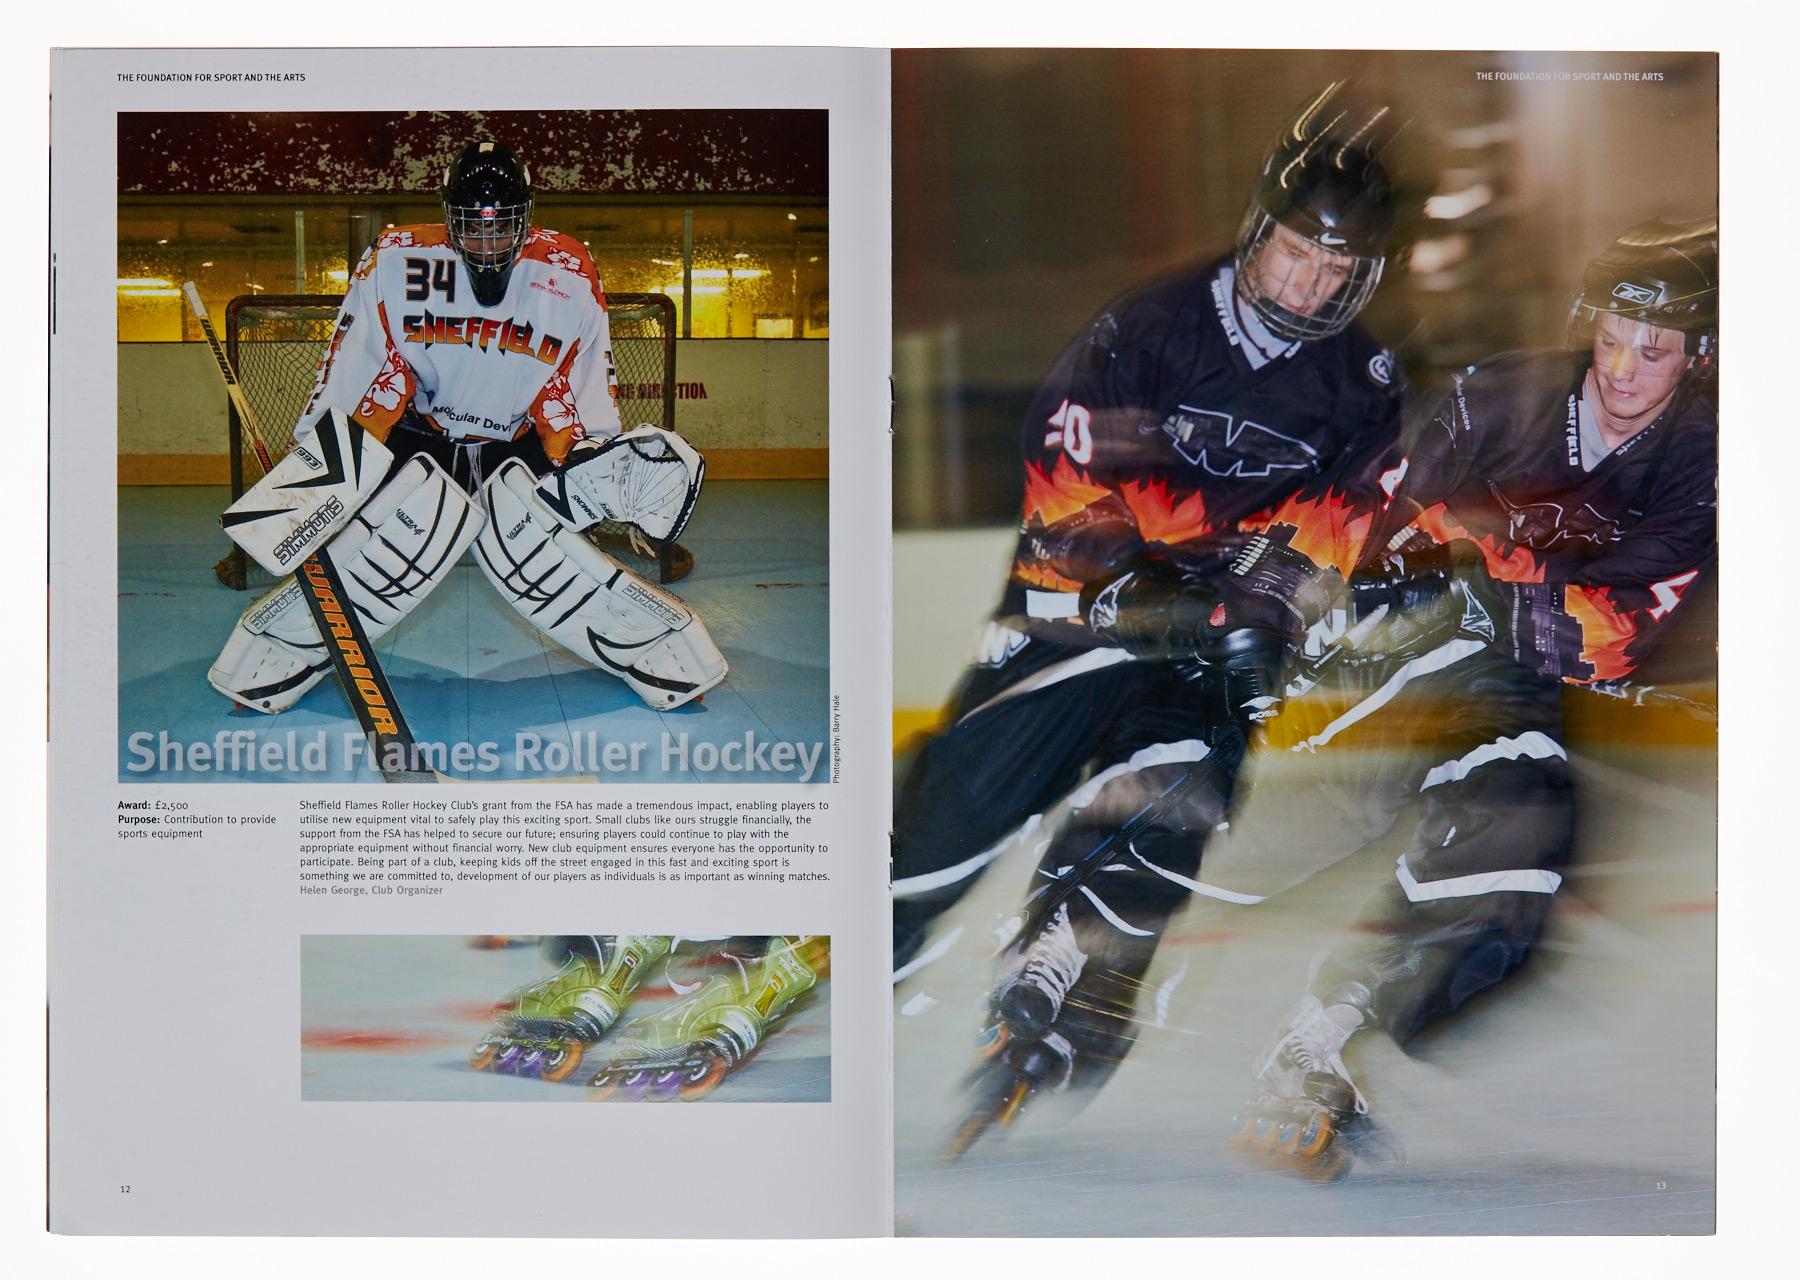 foundation-sport-arts-2009-07.jpg